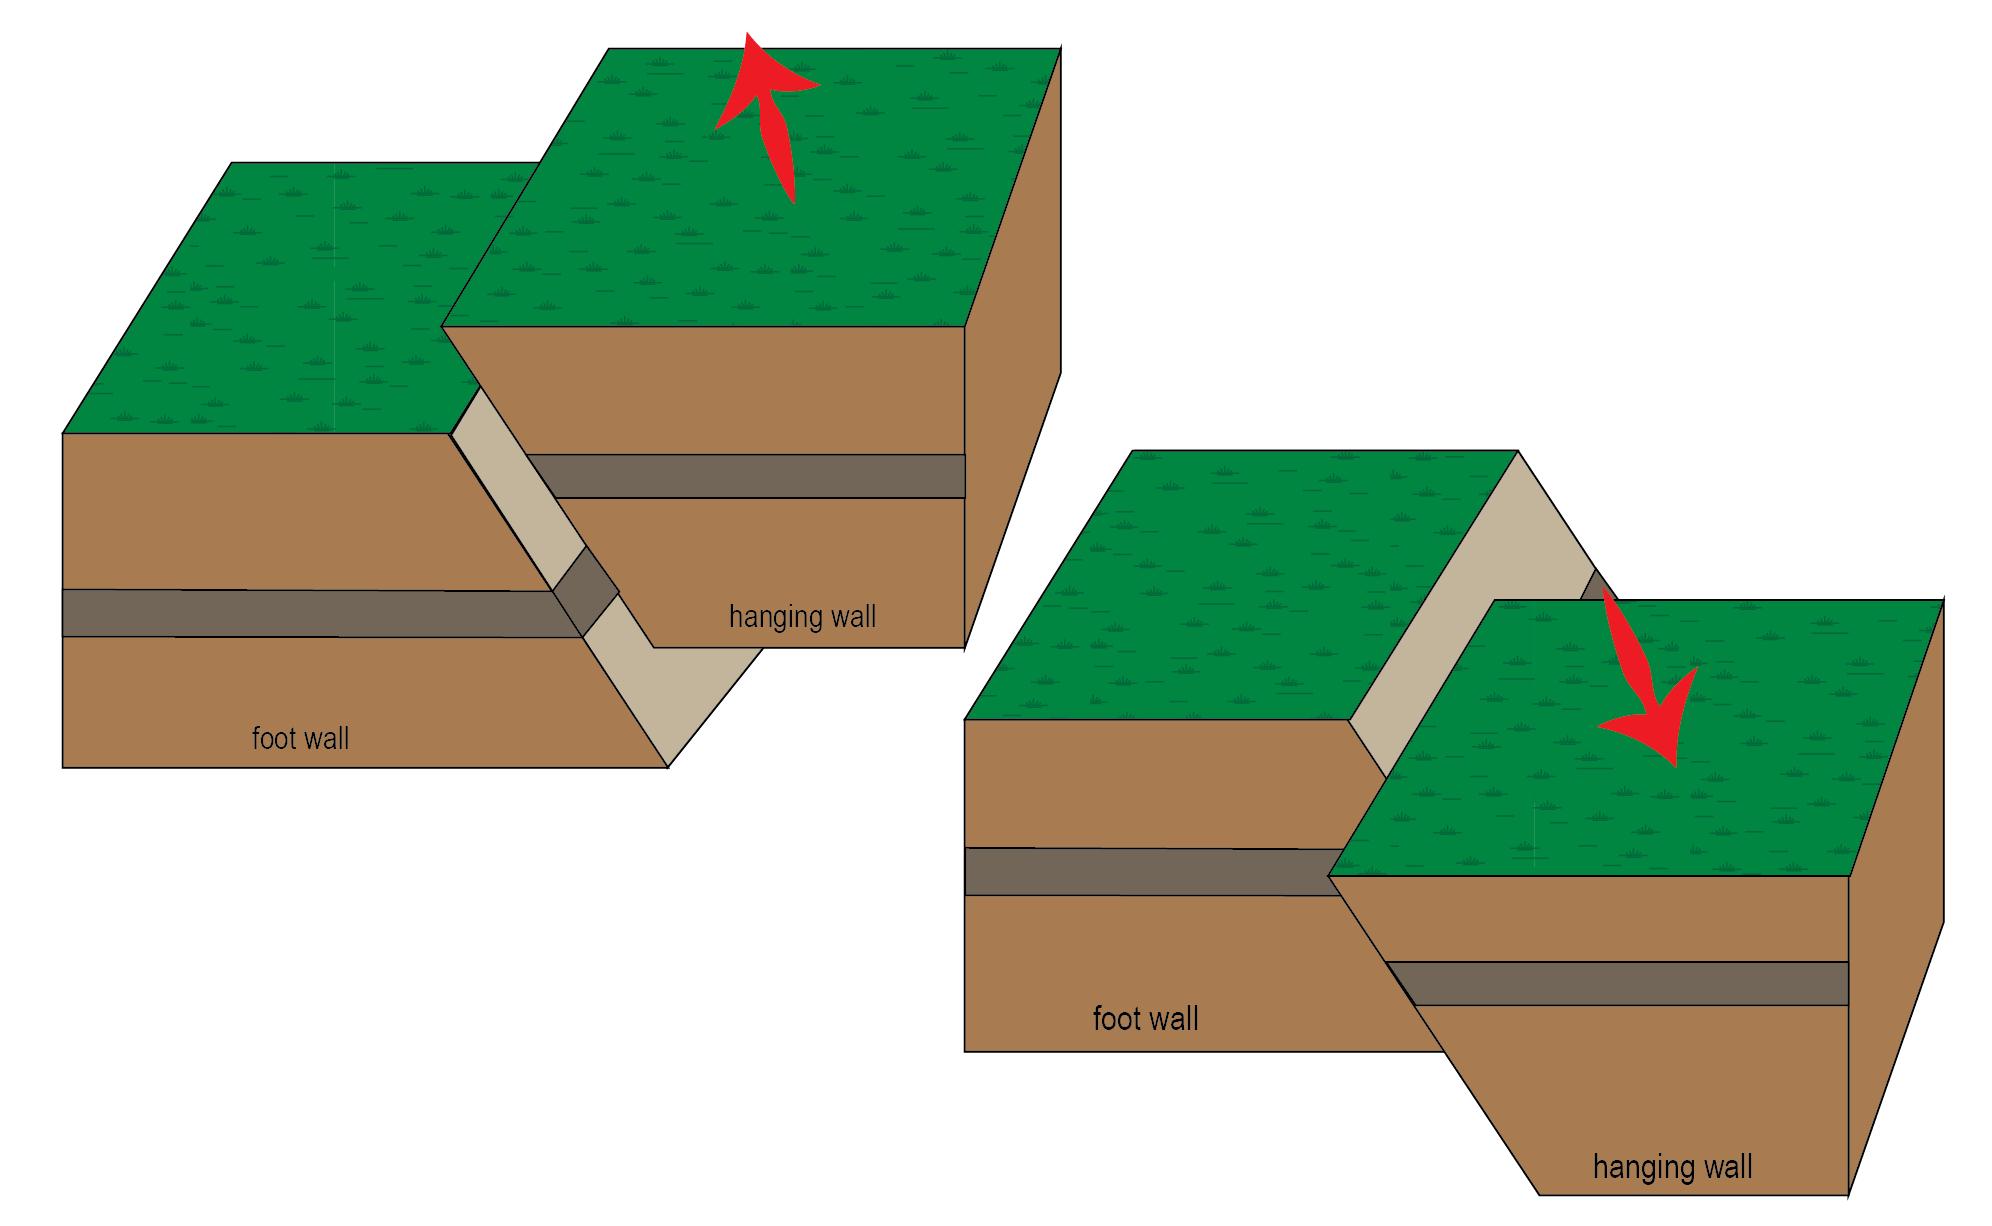 dip slip fault diagram shunt trip breaker wiring for hood images courtesy of the alaska earthquake center